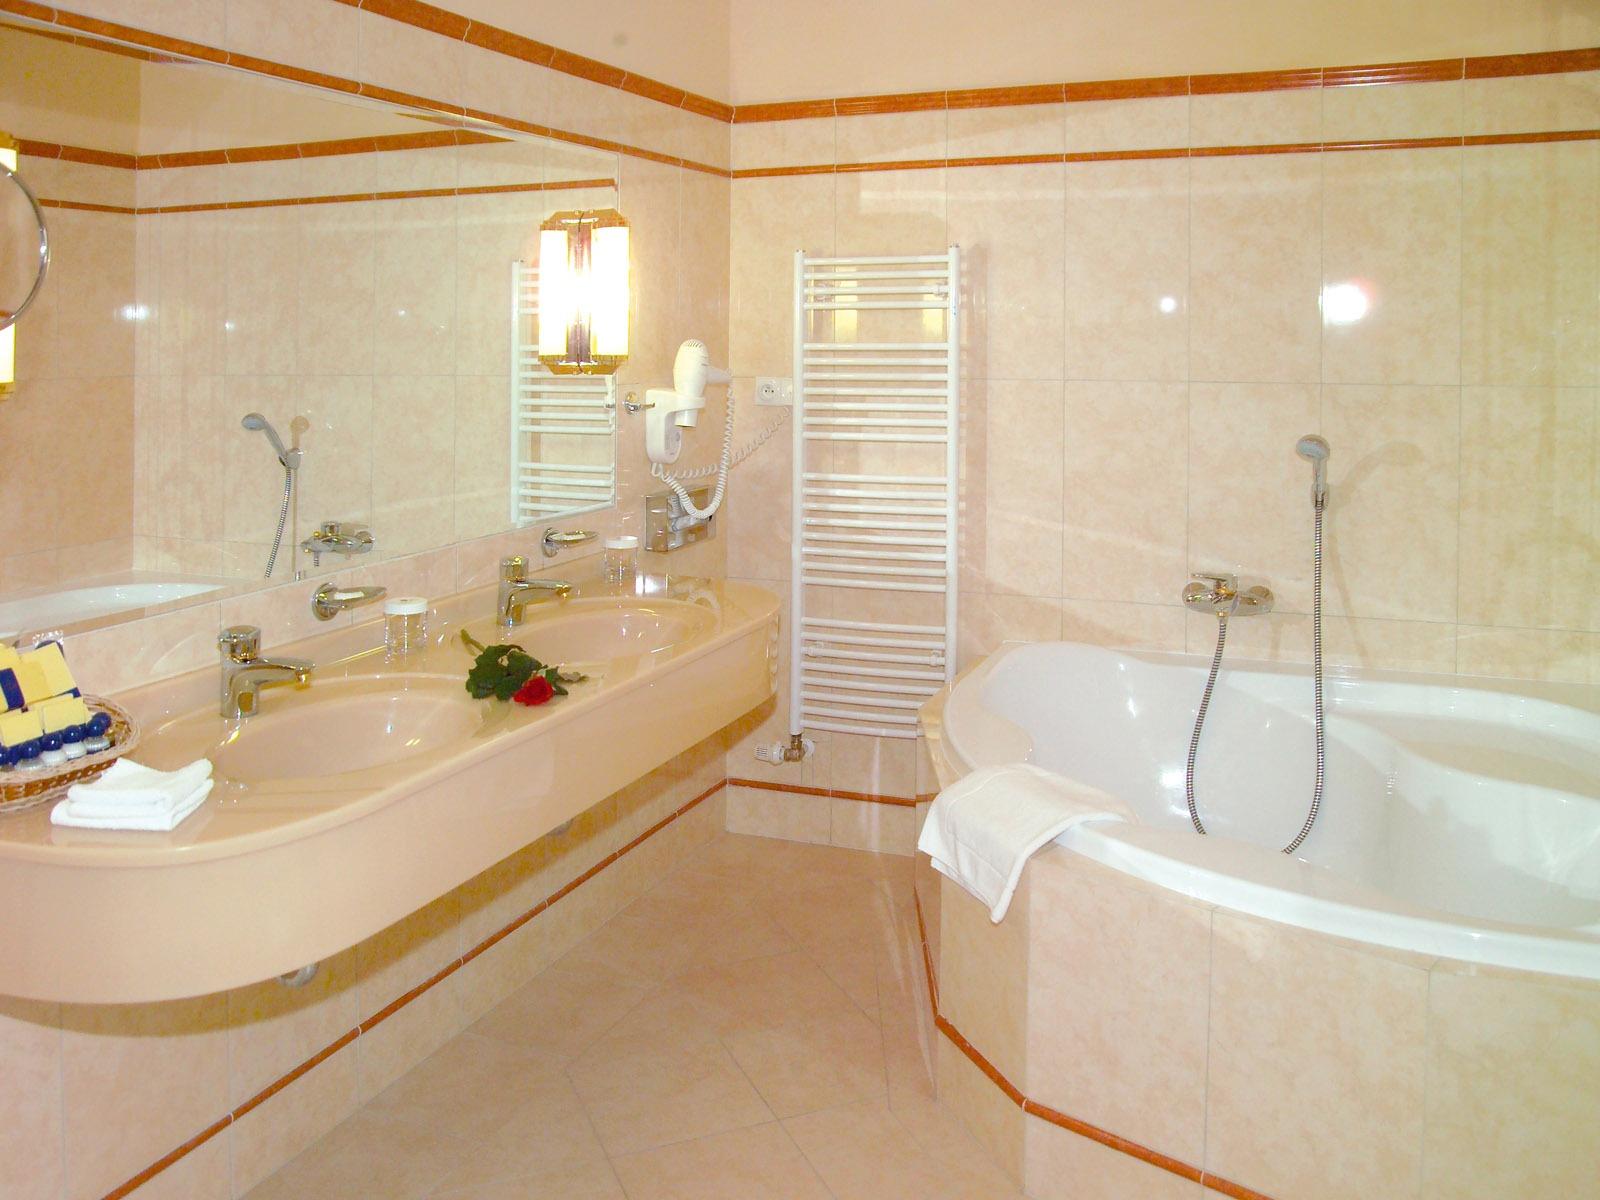 fond d 39 cran photo salle de bain 1 20 1600x1200 fond d 39 cran t l charger fond d 39 cran. Black Bedroom Furniture Sets. Home Design Ideas